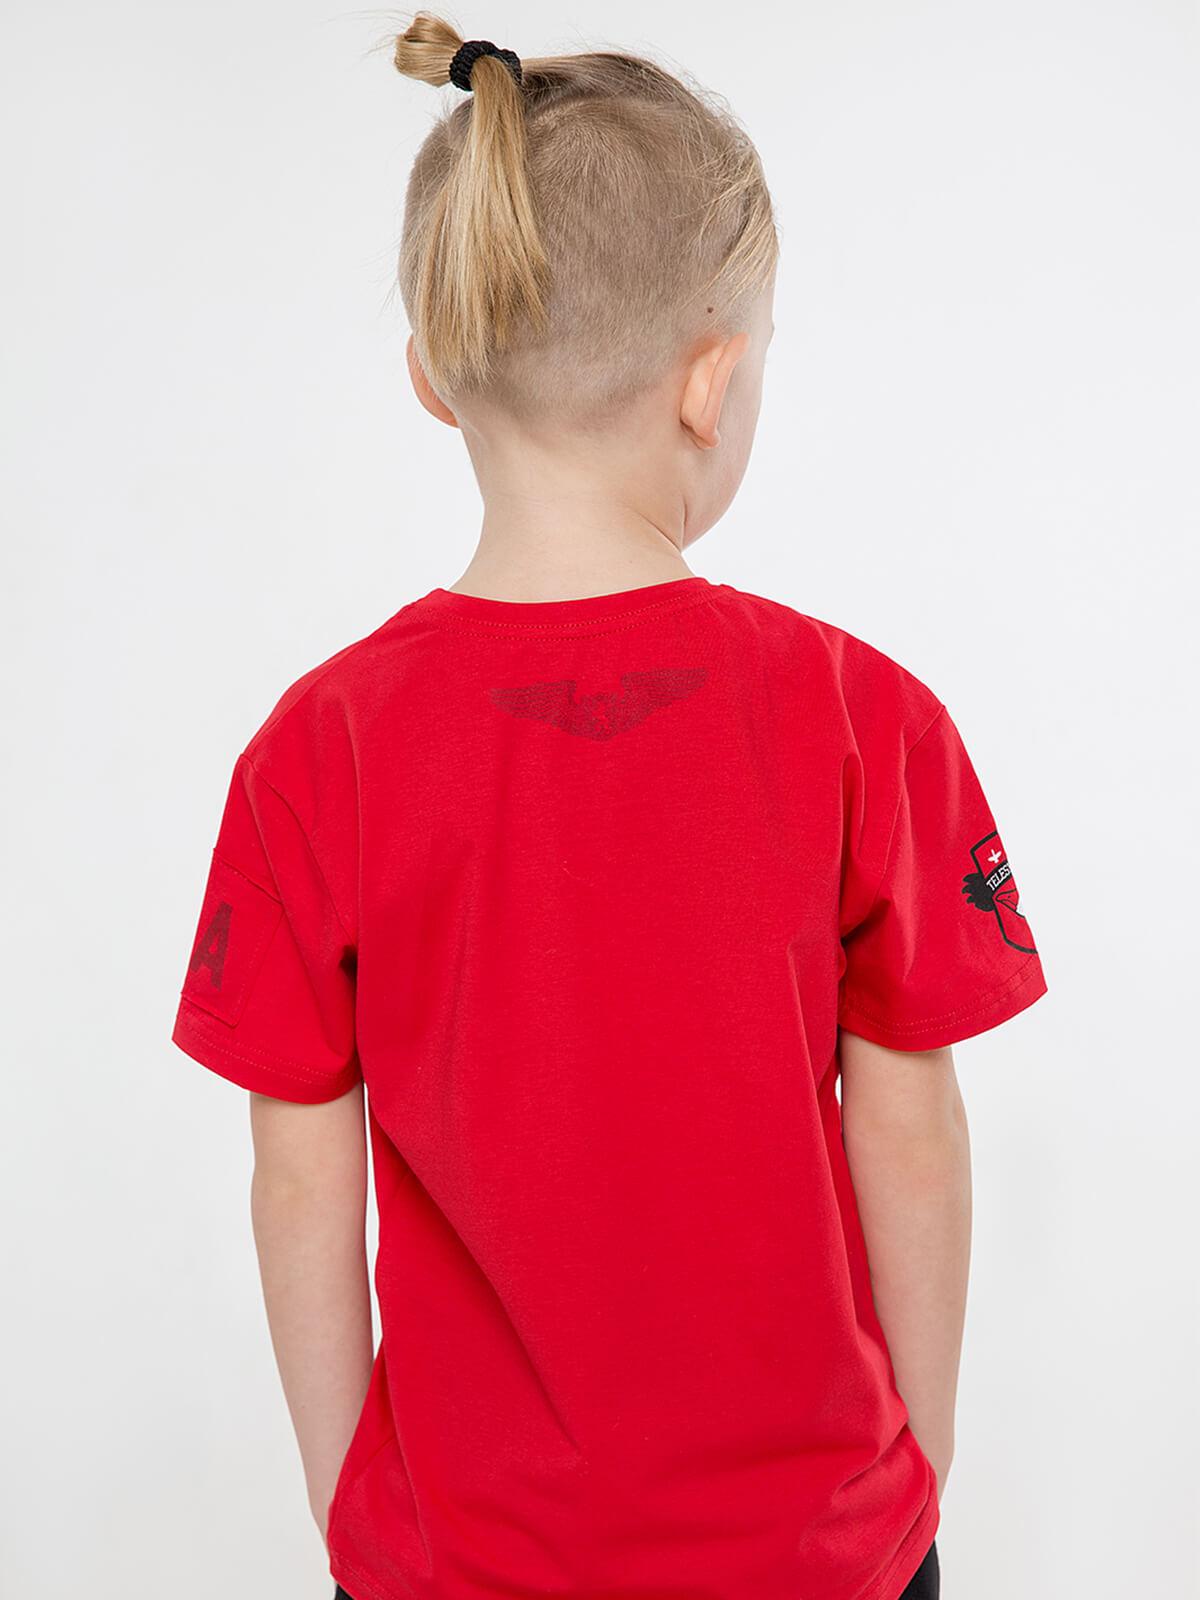 Дитяча Футболка Лелека. Колір червоний.   Технологія нанесення зображень: шовкодрук.